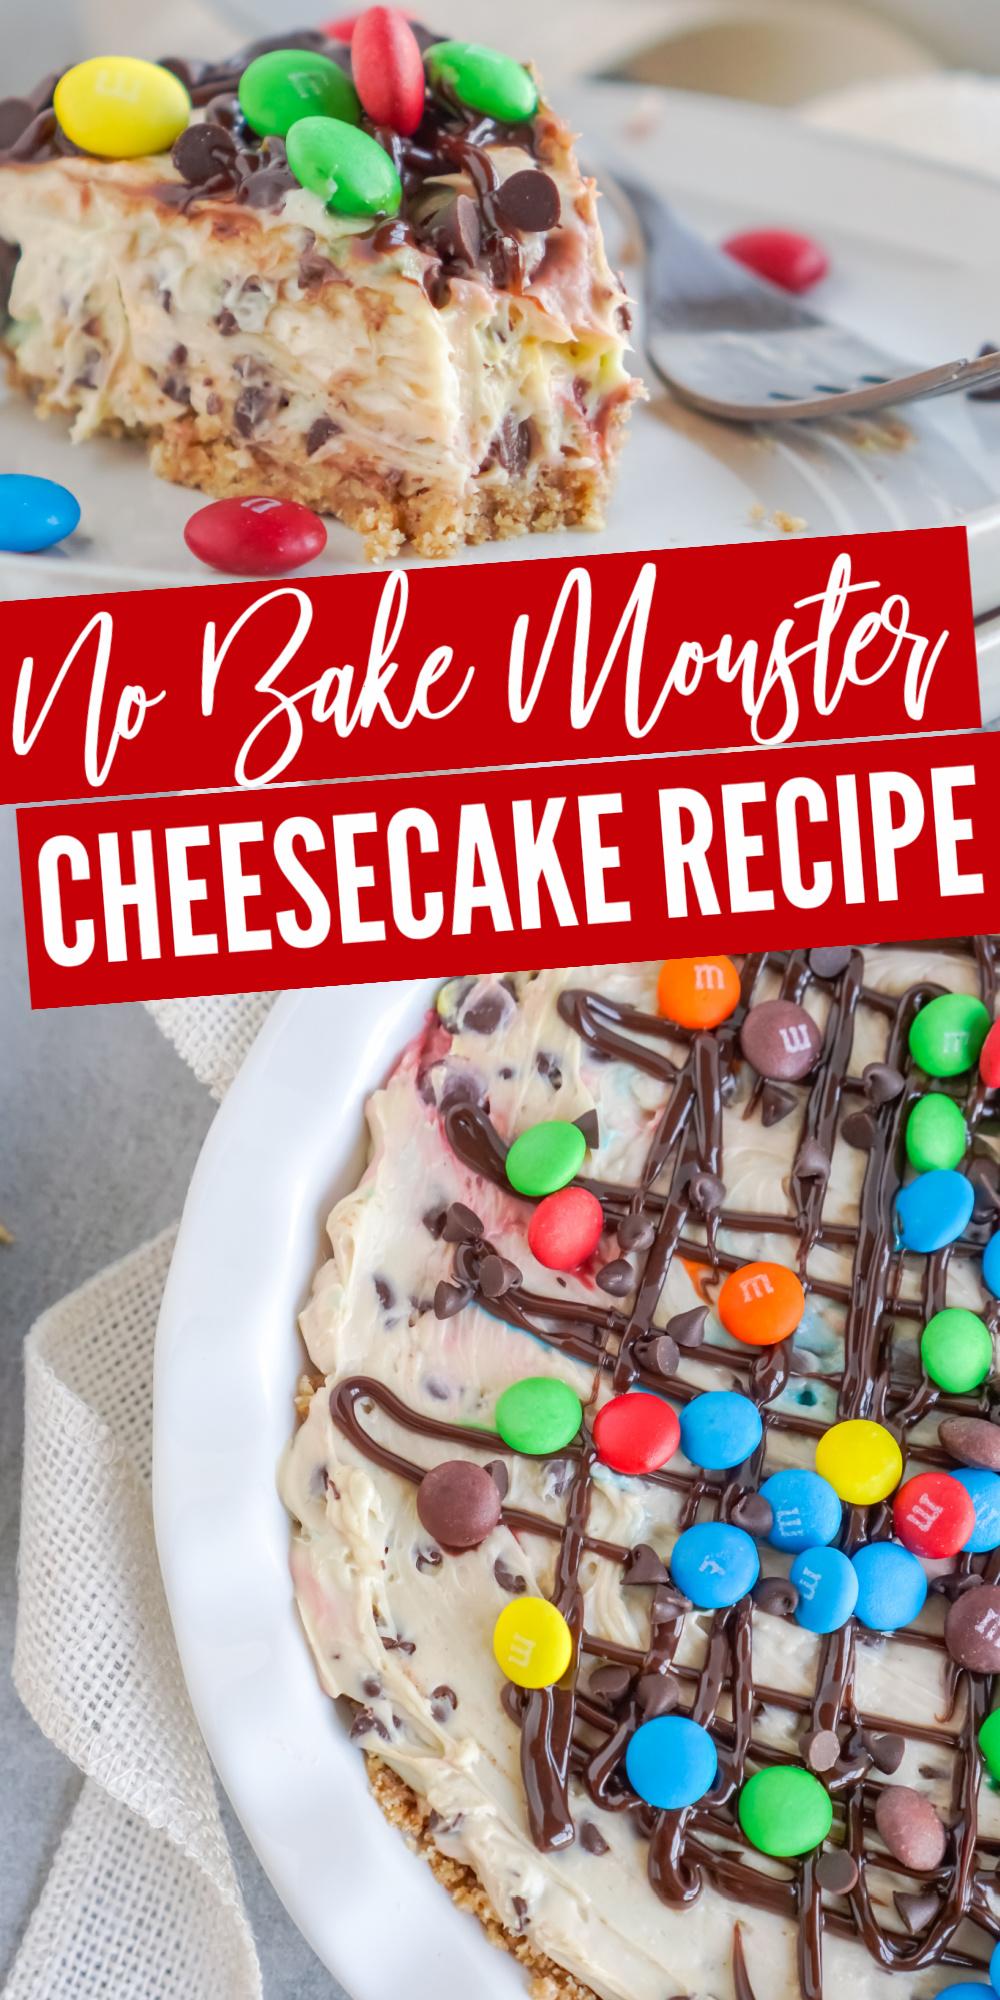 No Bake Monster Cheesecake Recipe